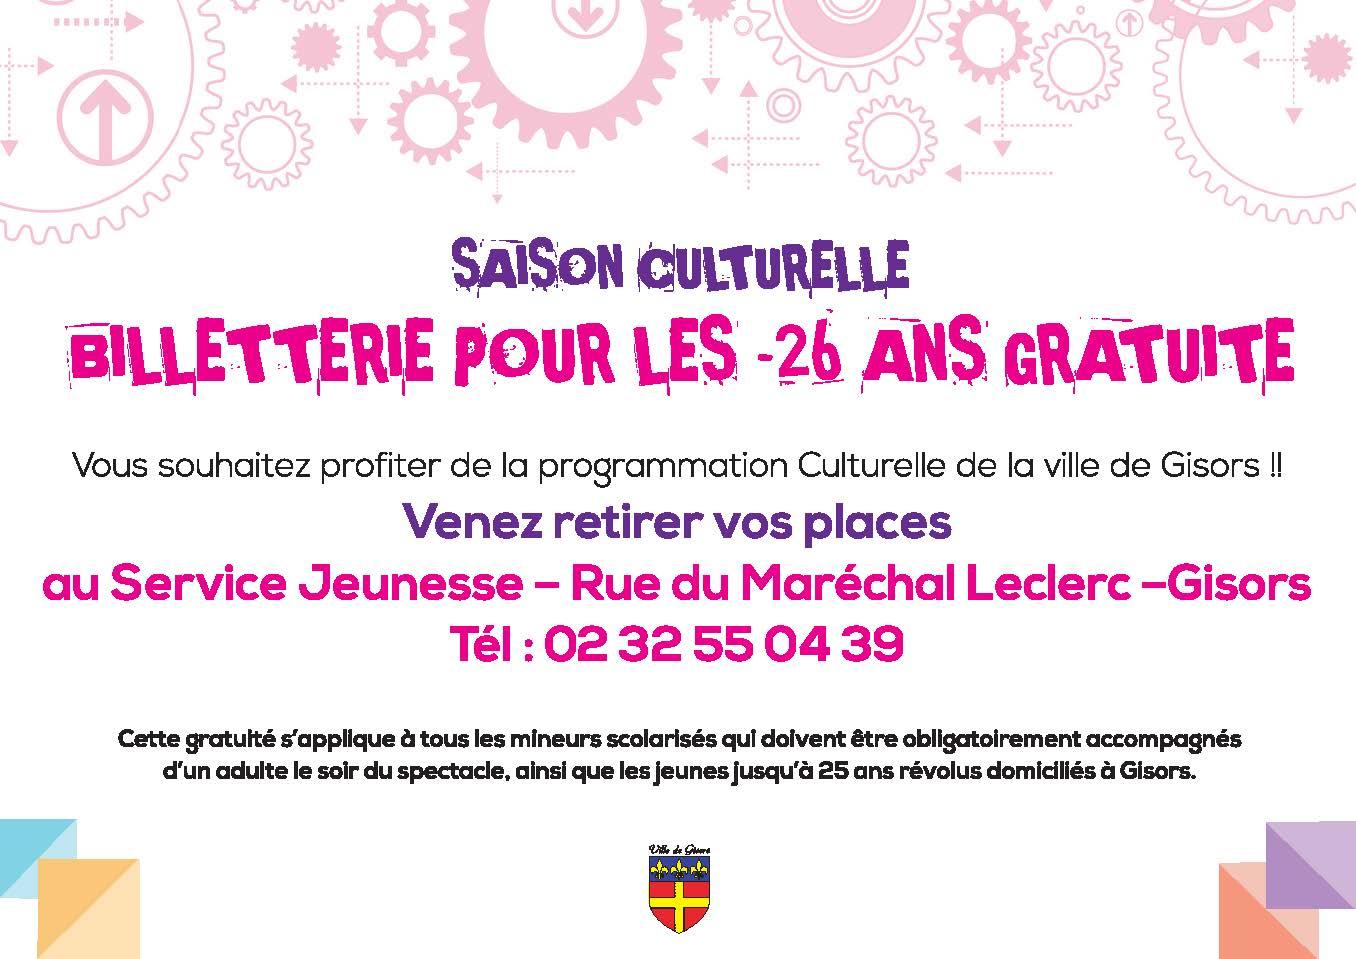 Bienvenue Sur L Espace Du Service Jeunesse 11 25 Ans